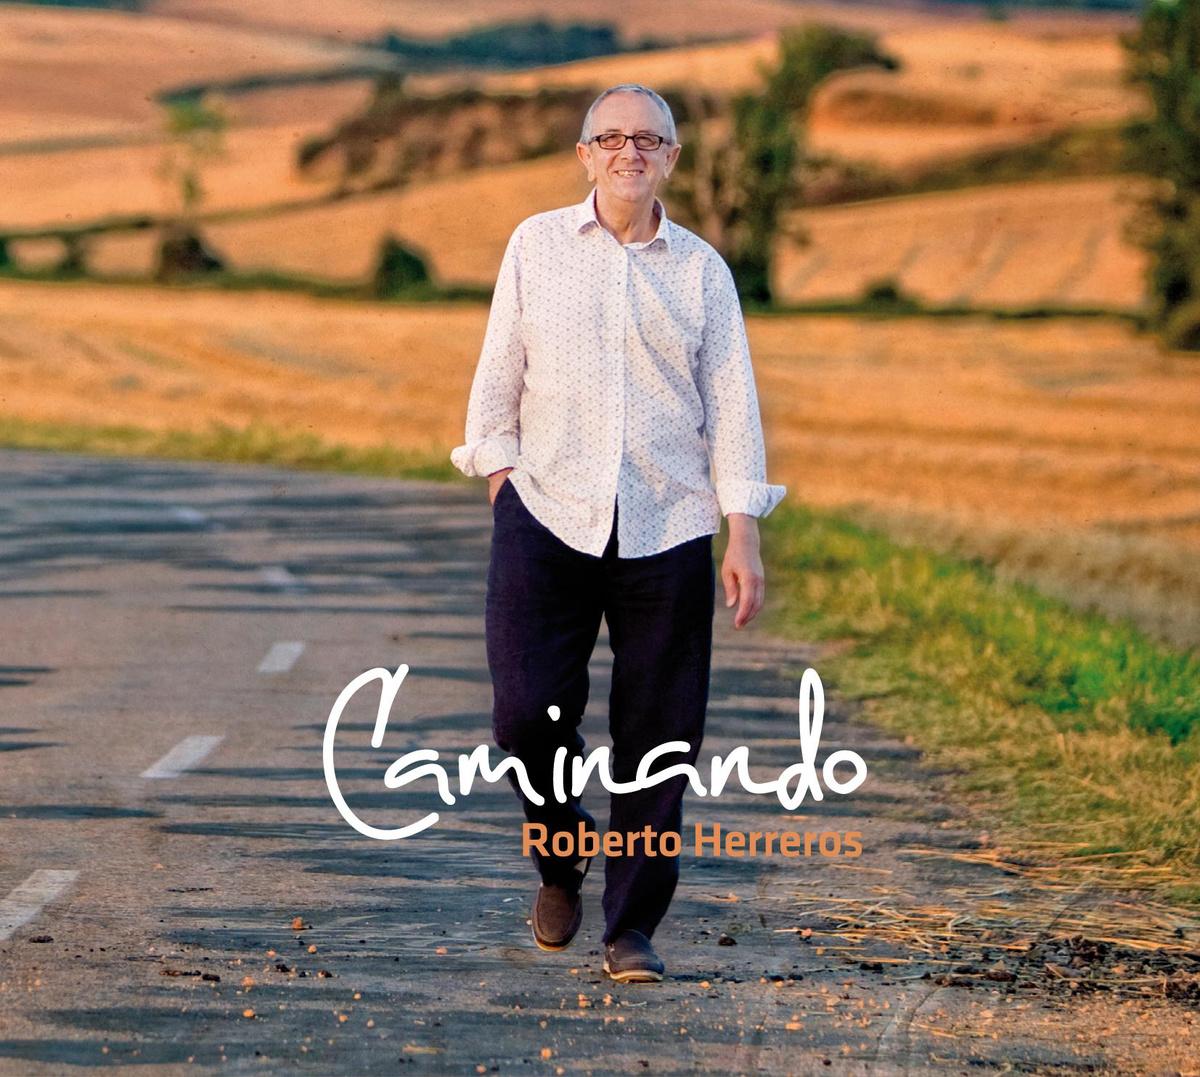 portada del album Caminando